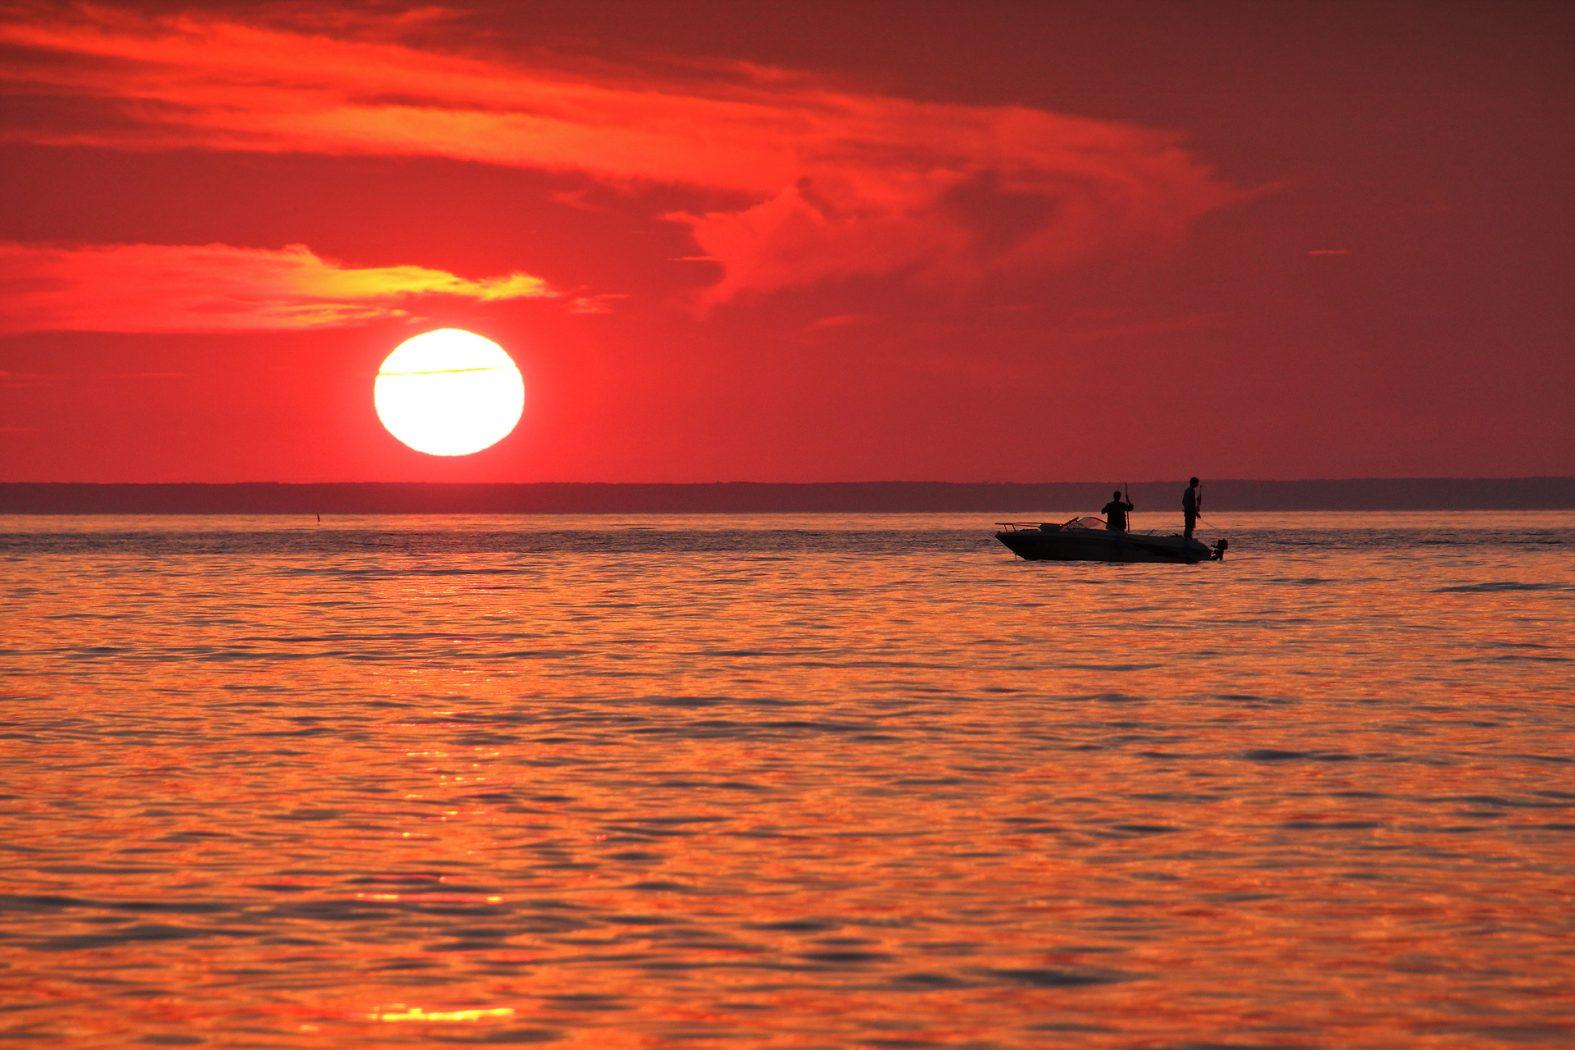 Angelurlaub mit Boot in Kroatien auf der Adria